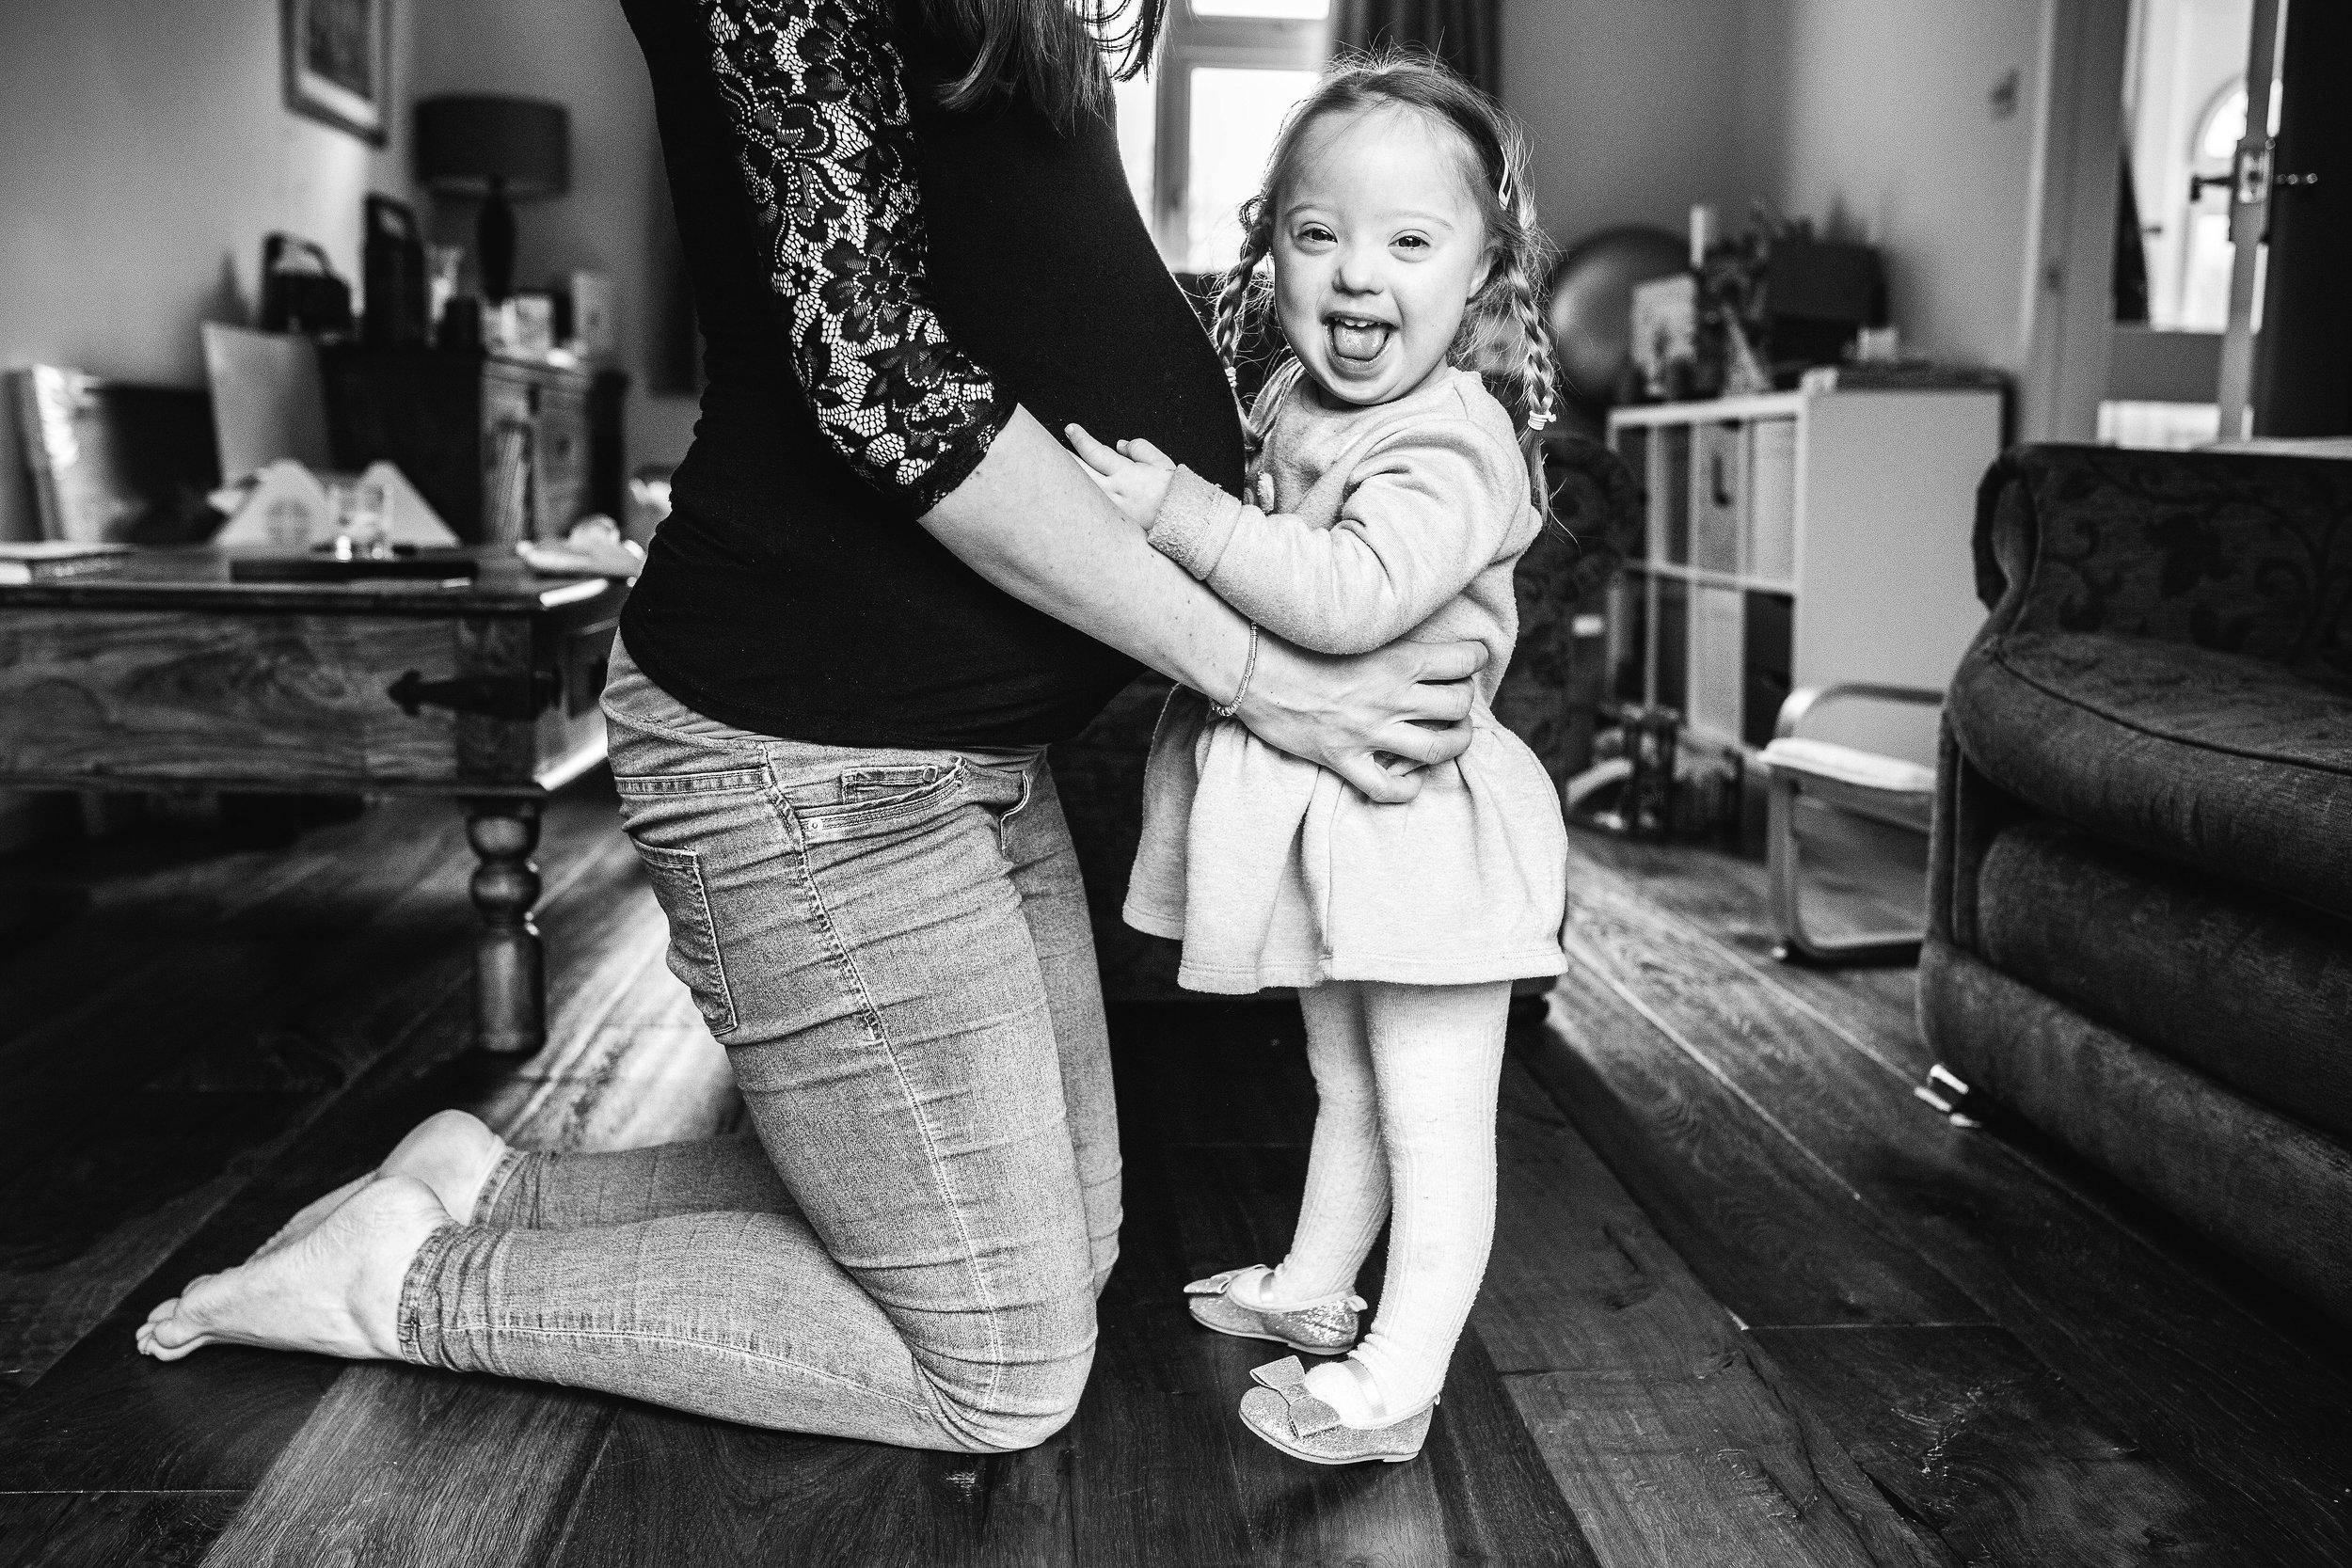 laura mott photography bump toddler photographs-002.jpg